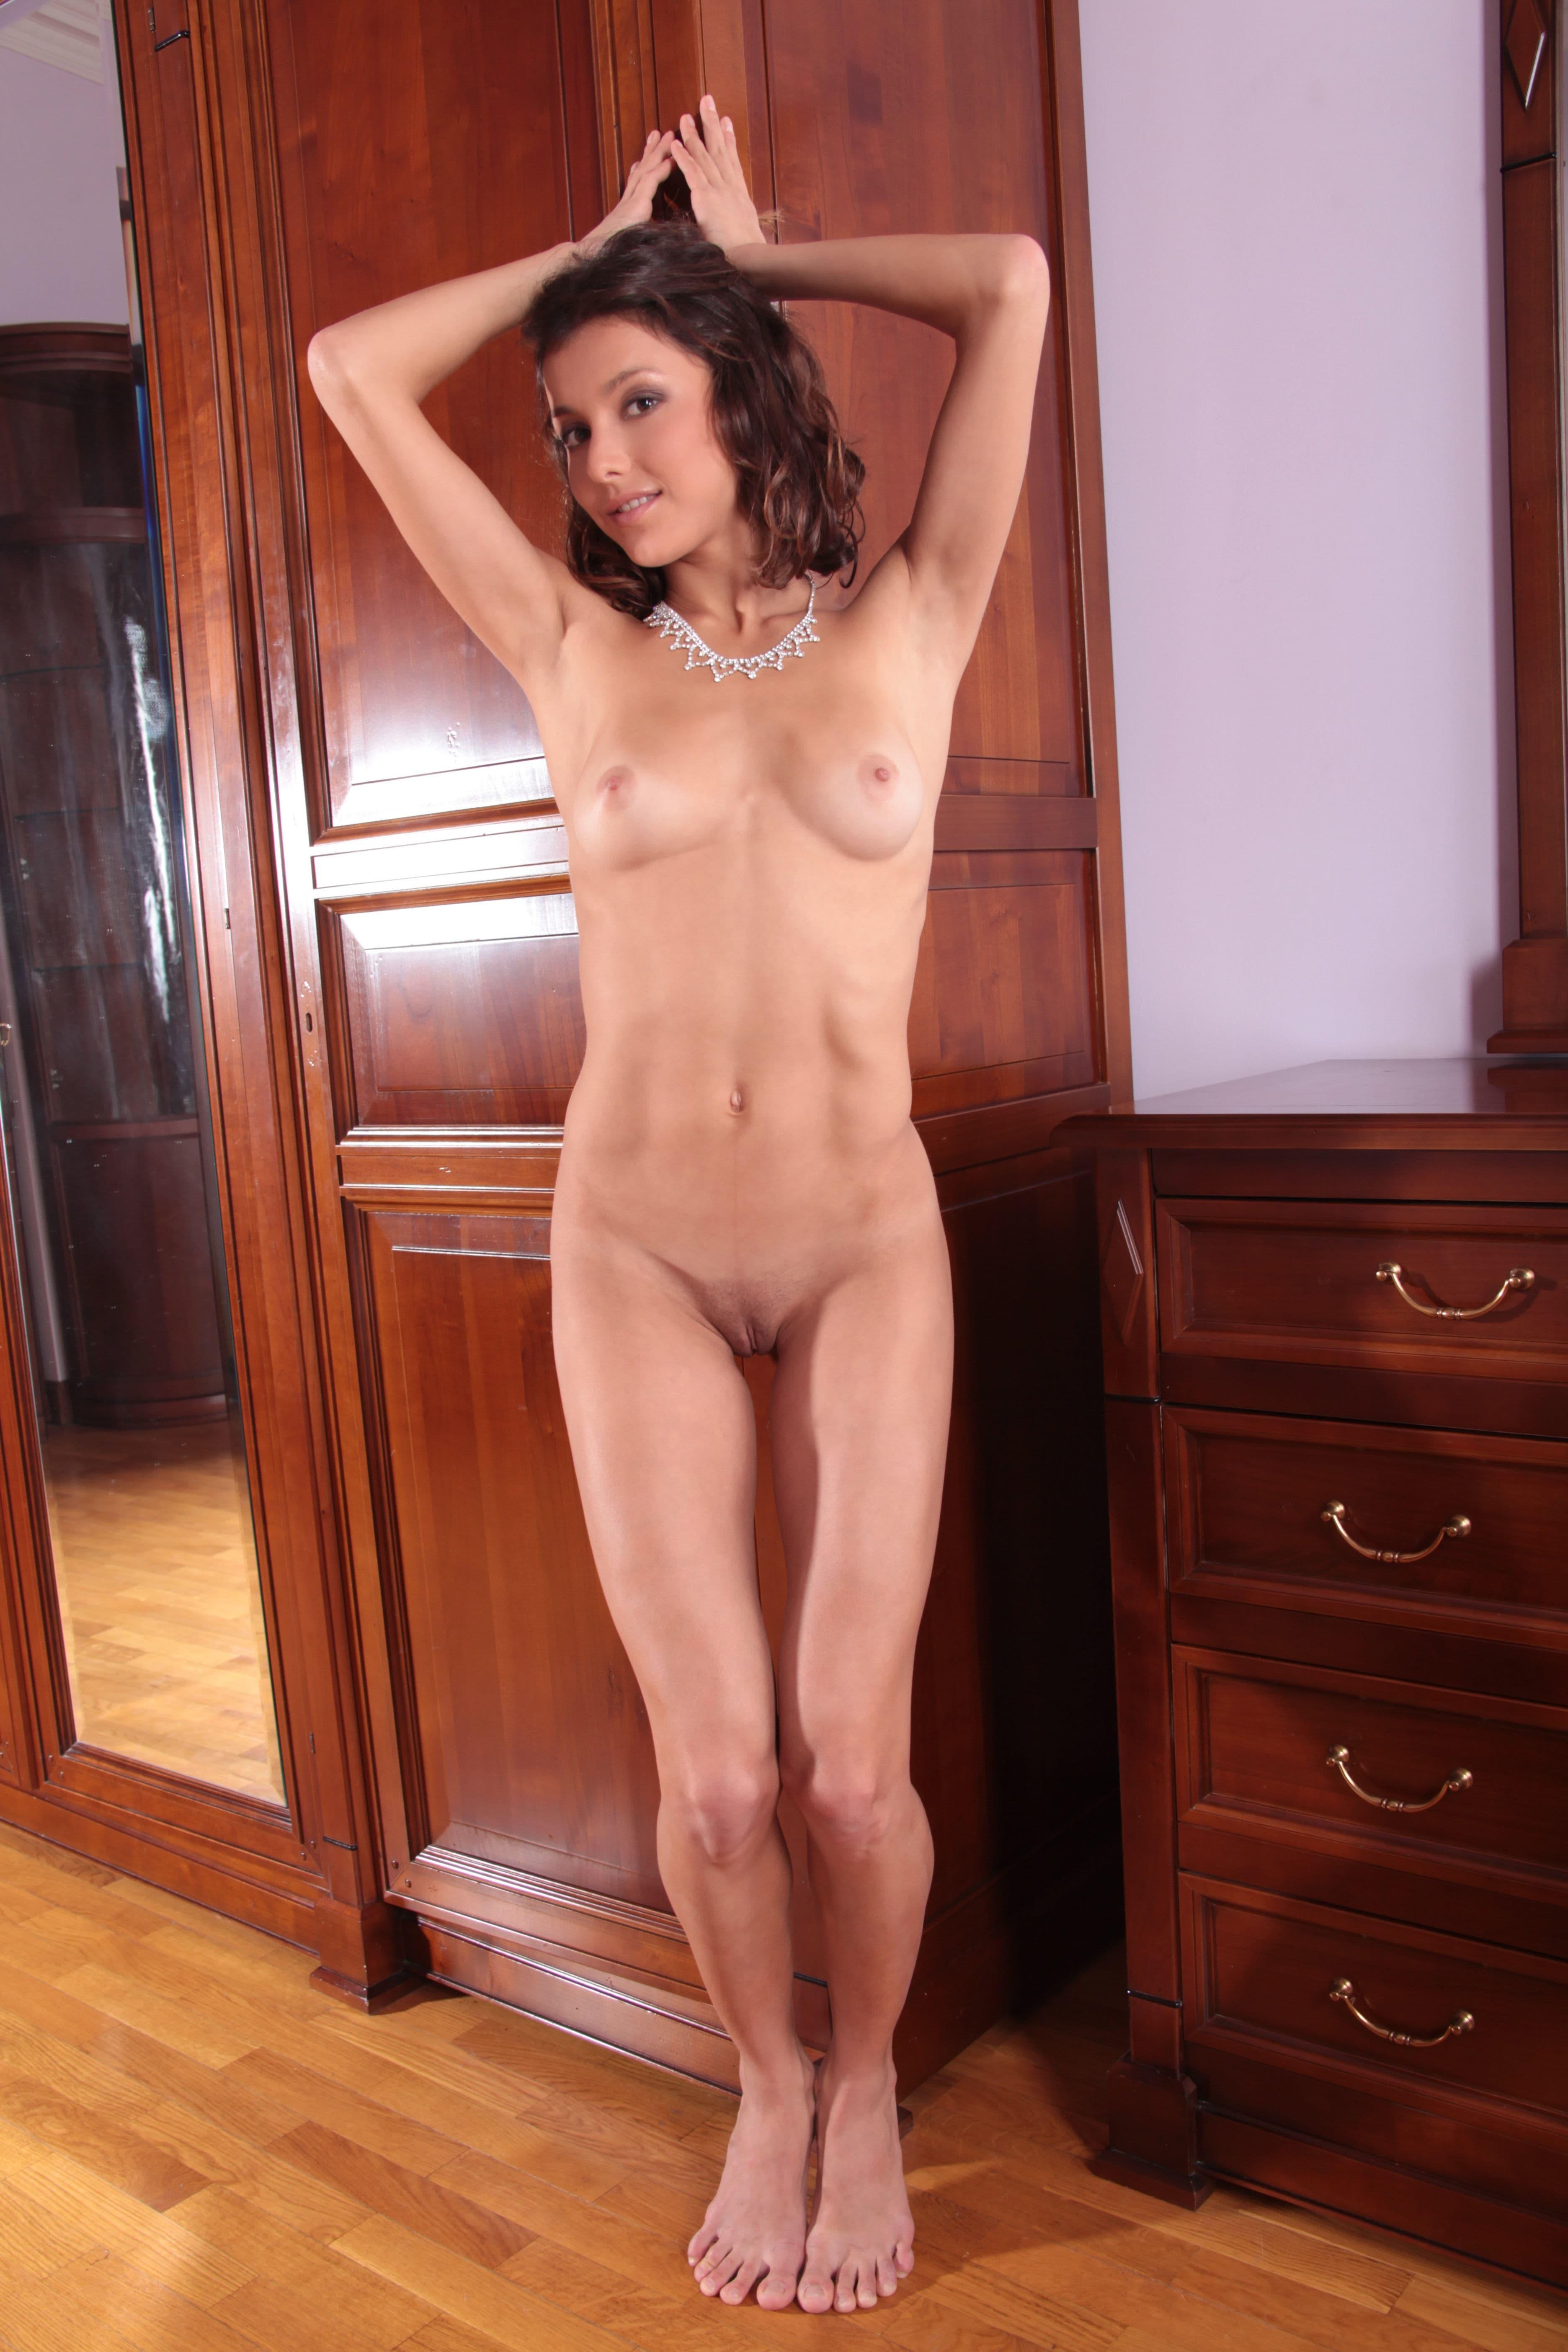 Тощая девушка без одежды - фото